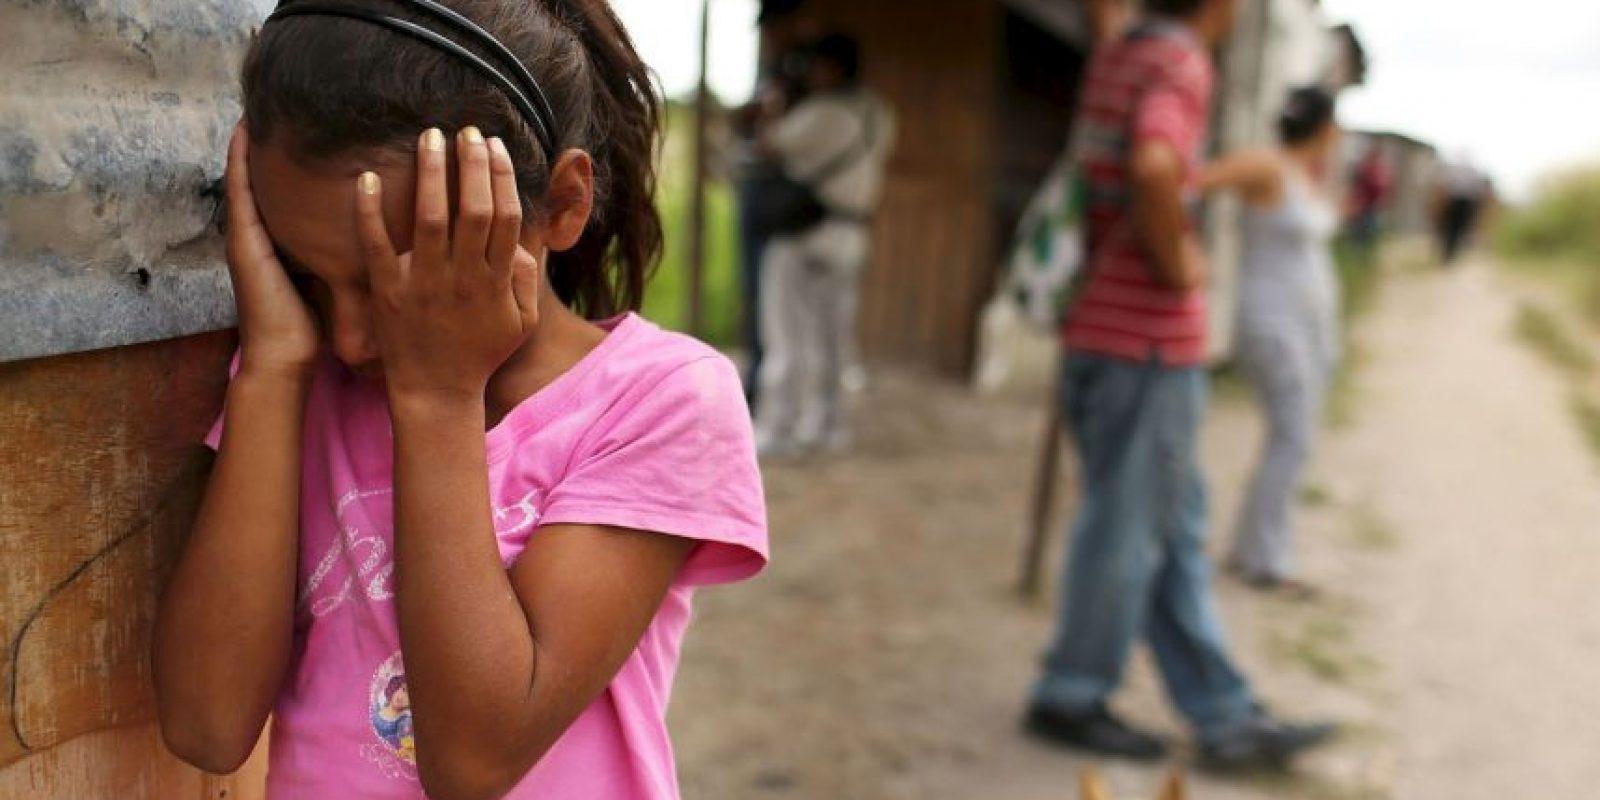 5. Los estudios internacionales revelan que aproximadamente un 20% de las mujeres y un 5 a 10% de los hombres manifiestan haber sufrido abusos sexuales en la infancia. Foto:Getty